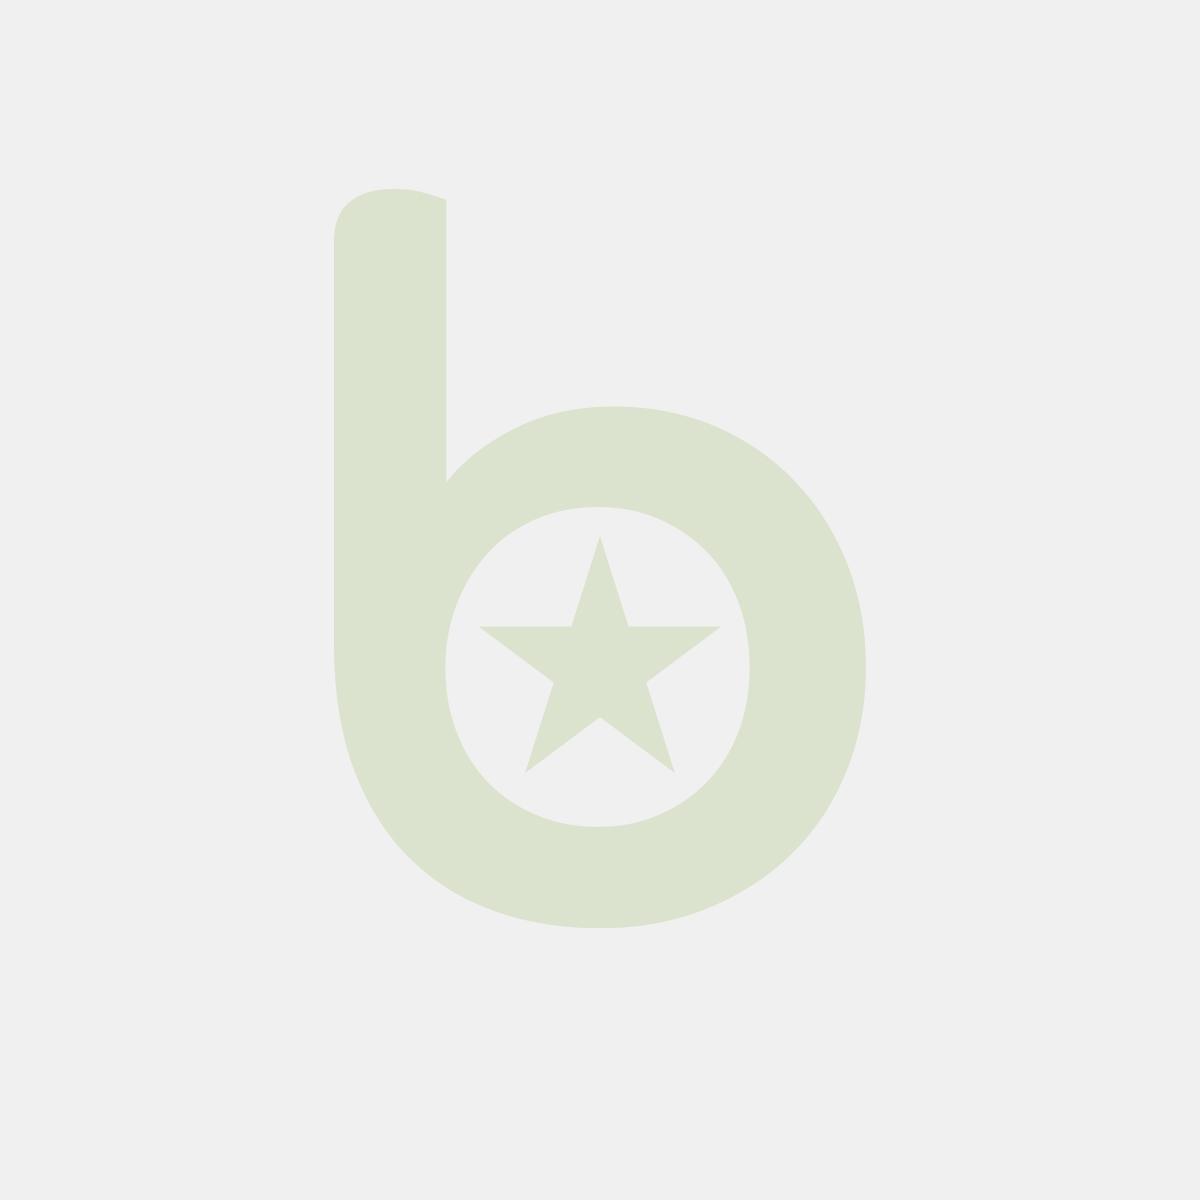 Miska biała styropianowa 354ml HUHTAMAKI, opakowanie 50szt